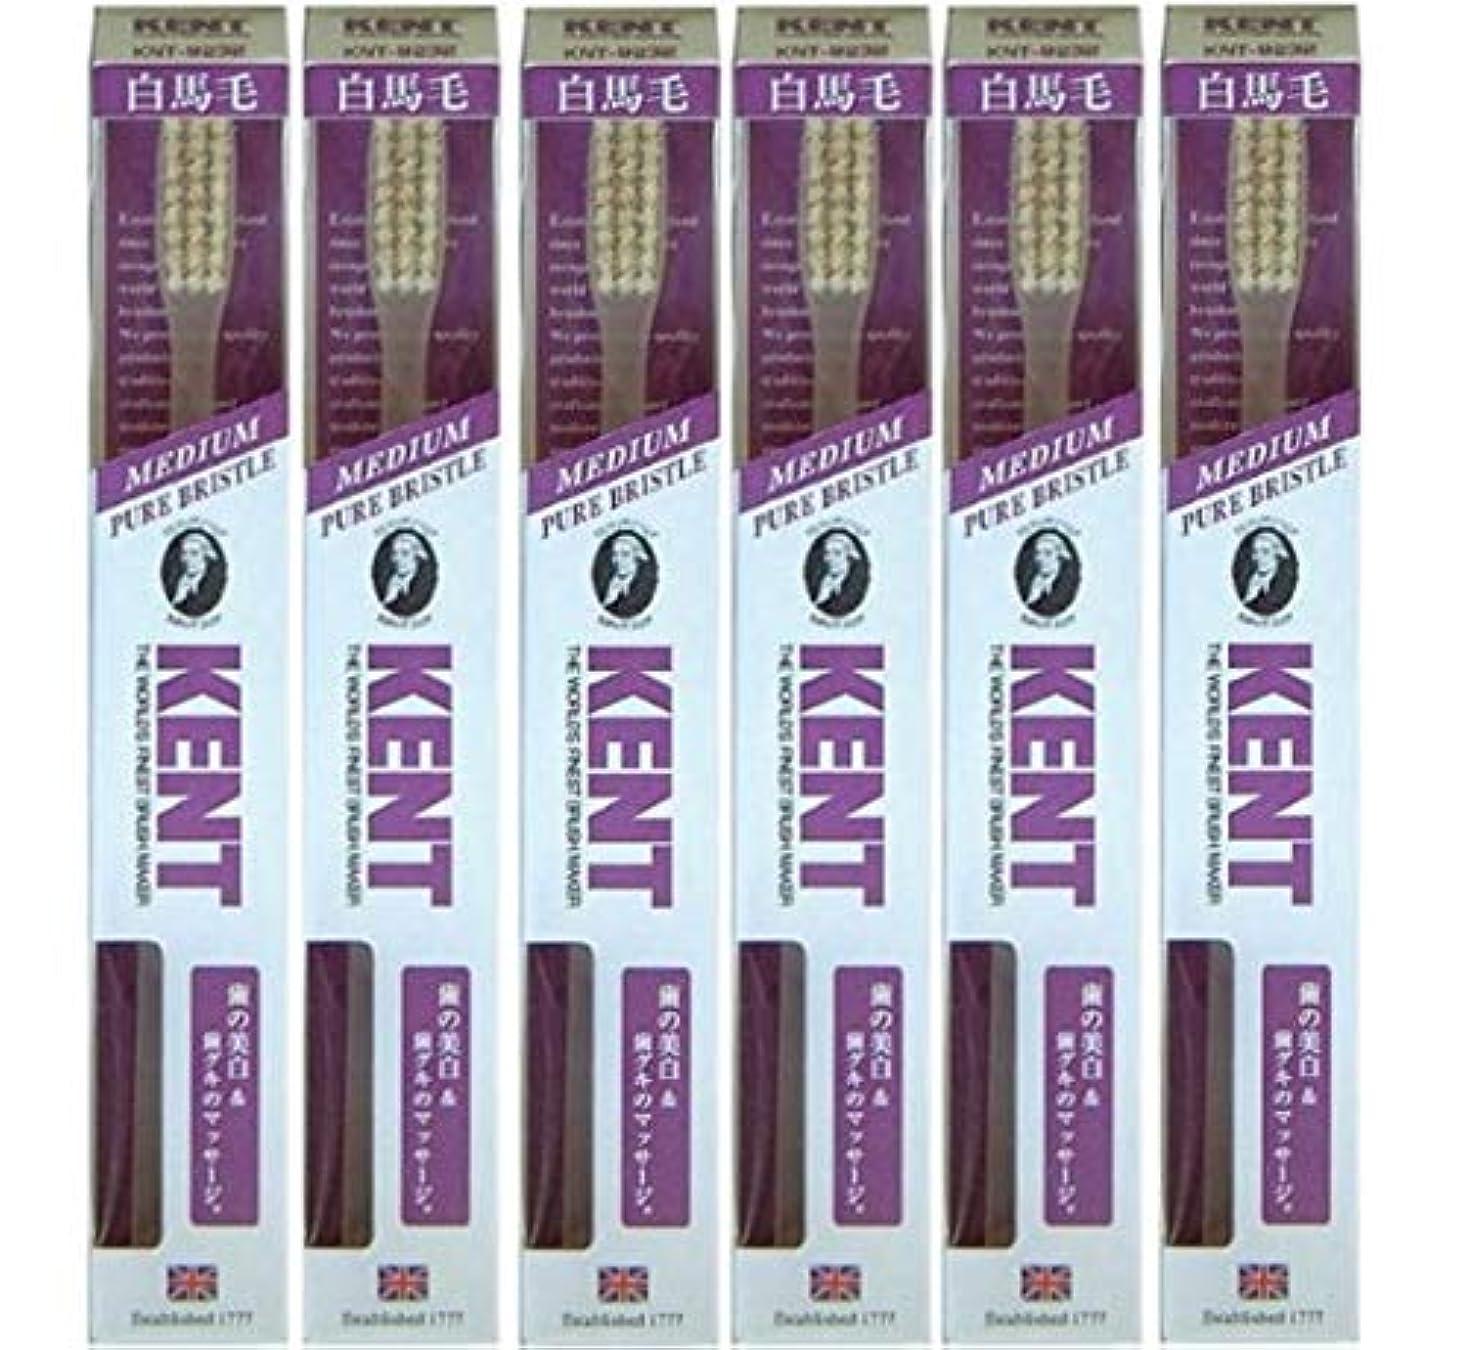 【6本セット】KENT 白馬毛歯ブラシ KNT-9232 ラージヘッド ふつう